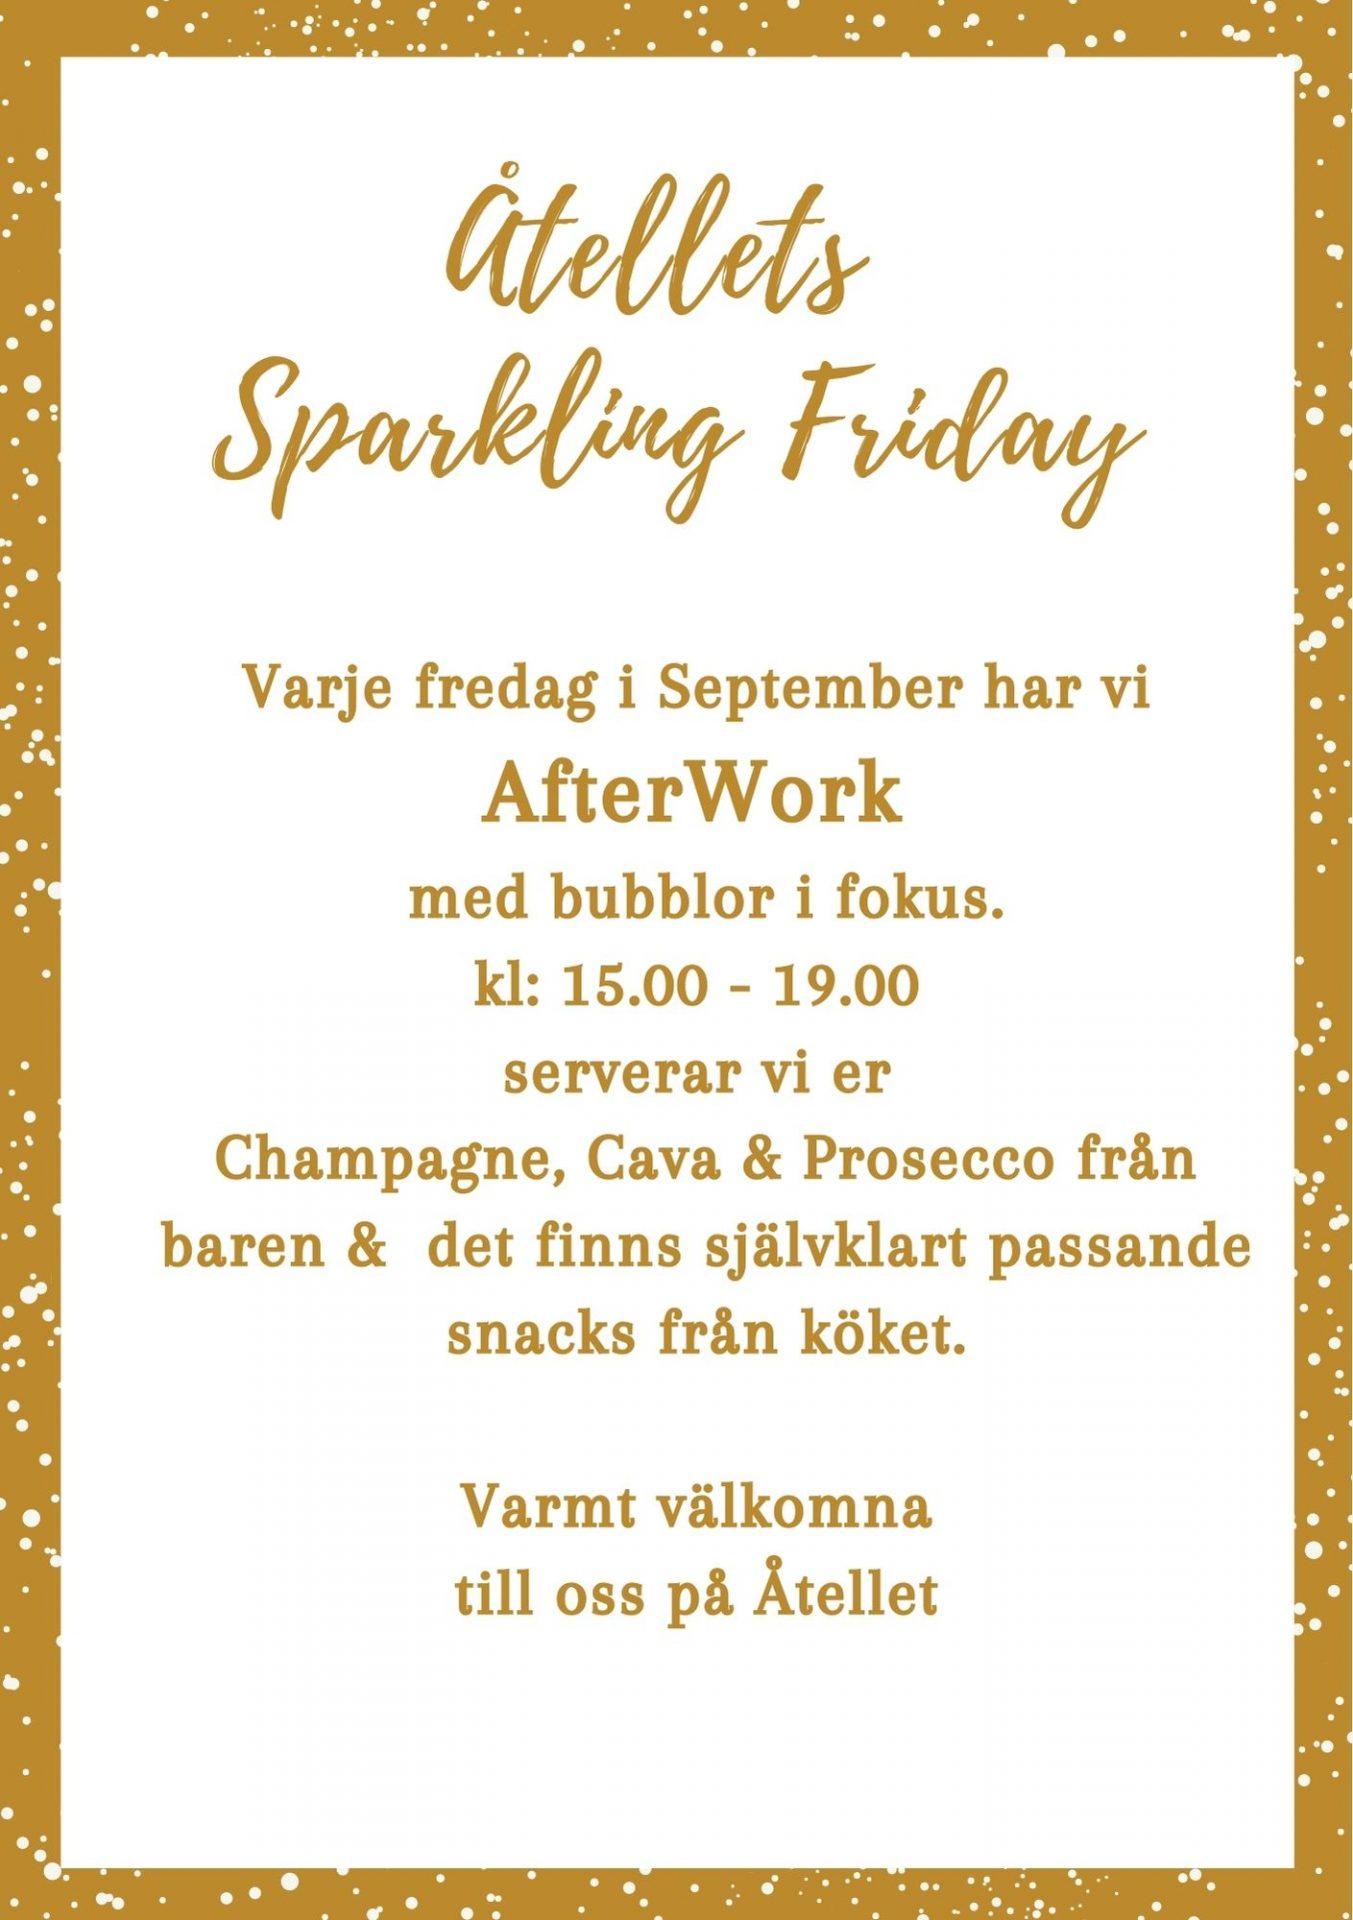 Åtellets Sparkling Friday (1)